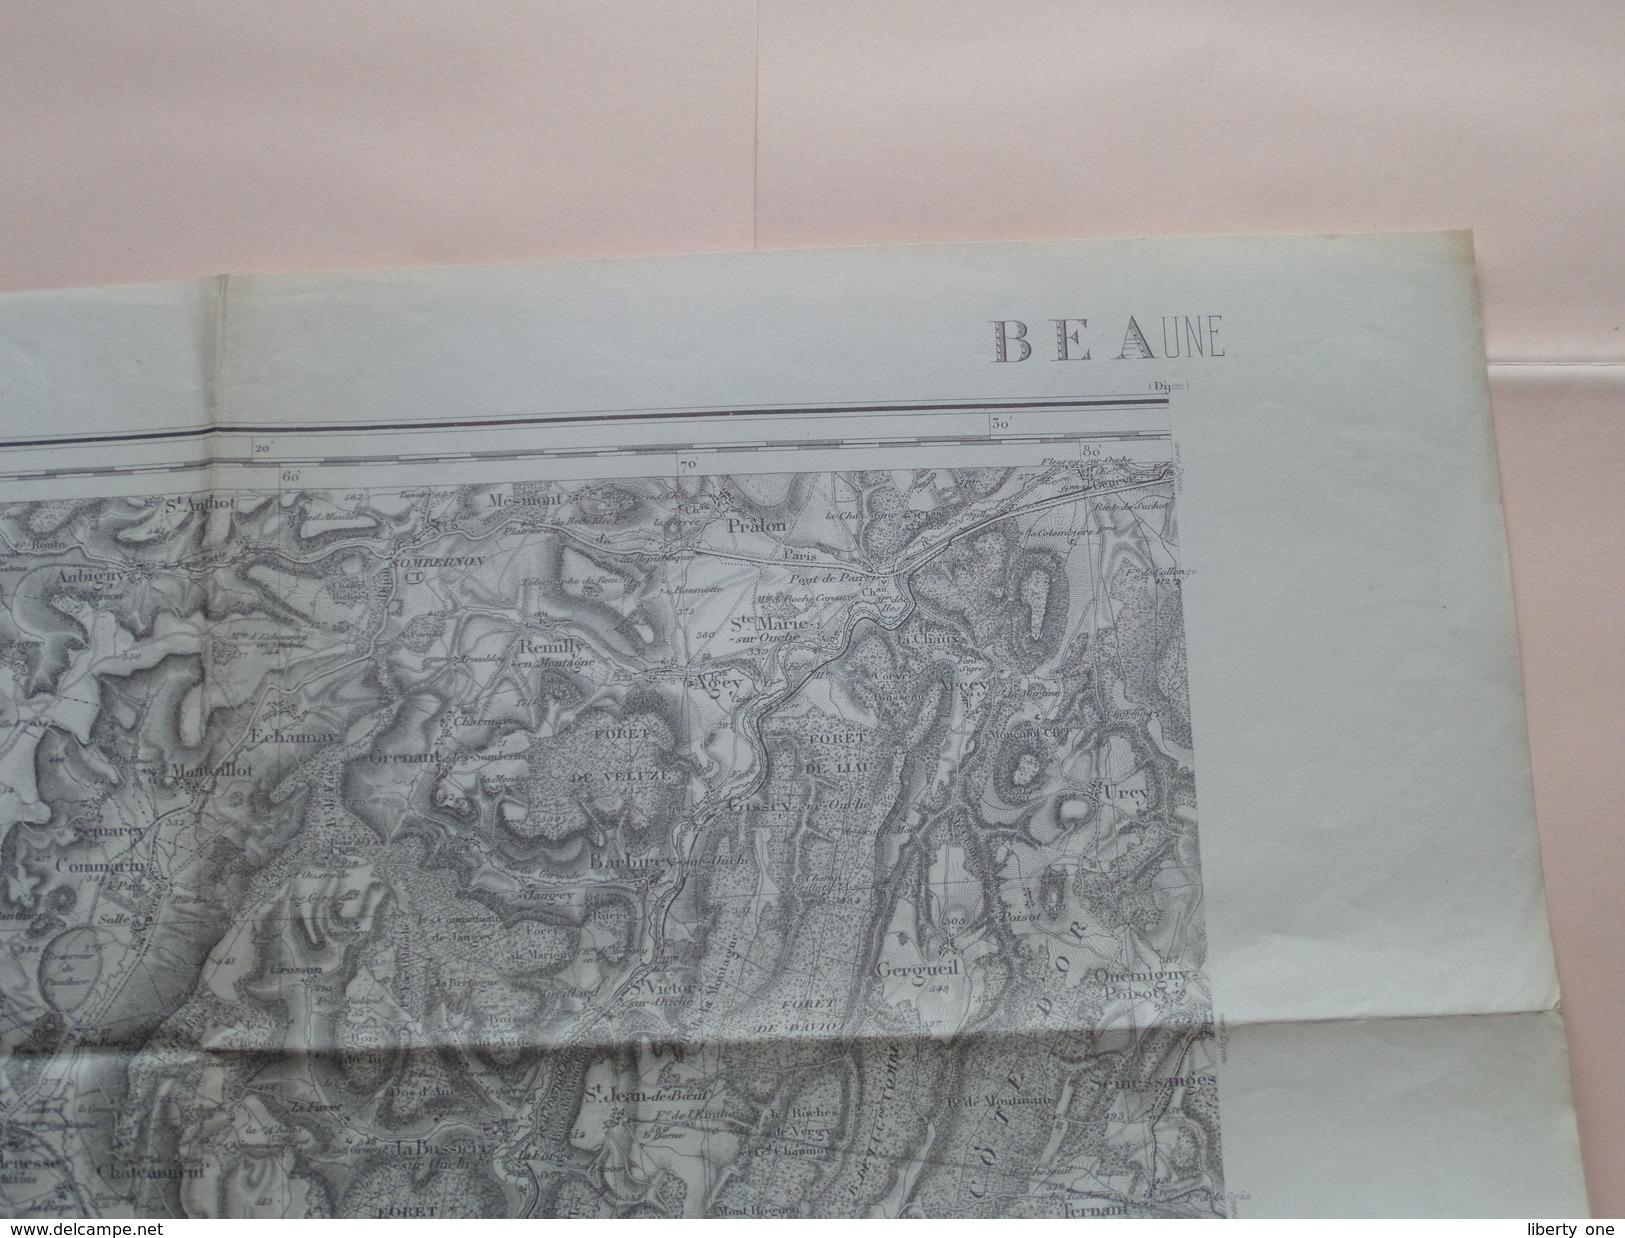 BEAUNE ( 125 ) Type 1889 Revisée En 1913 Tirage De 1941 ( Formaat 34 X 54 Cm. ) Zie Foto´s ! - Europe